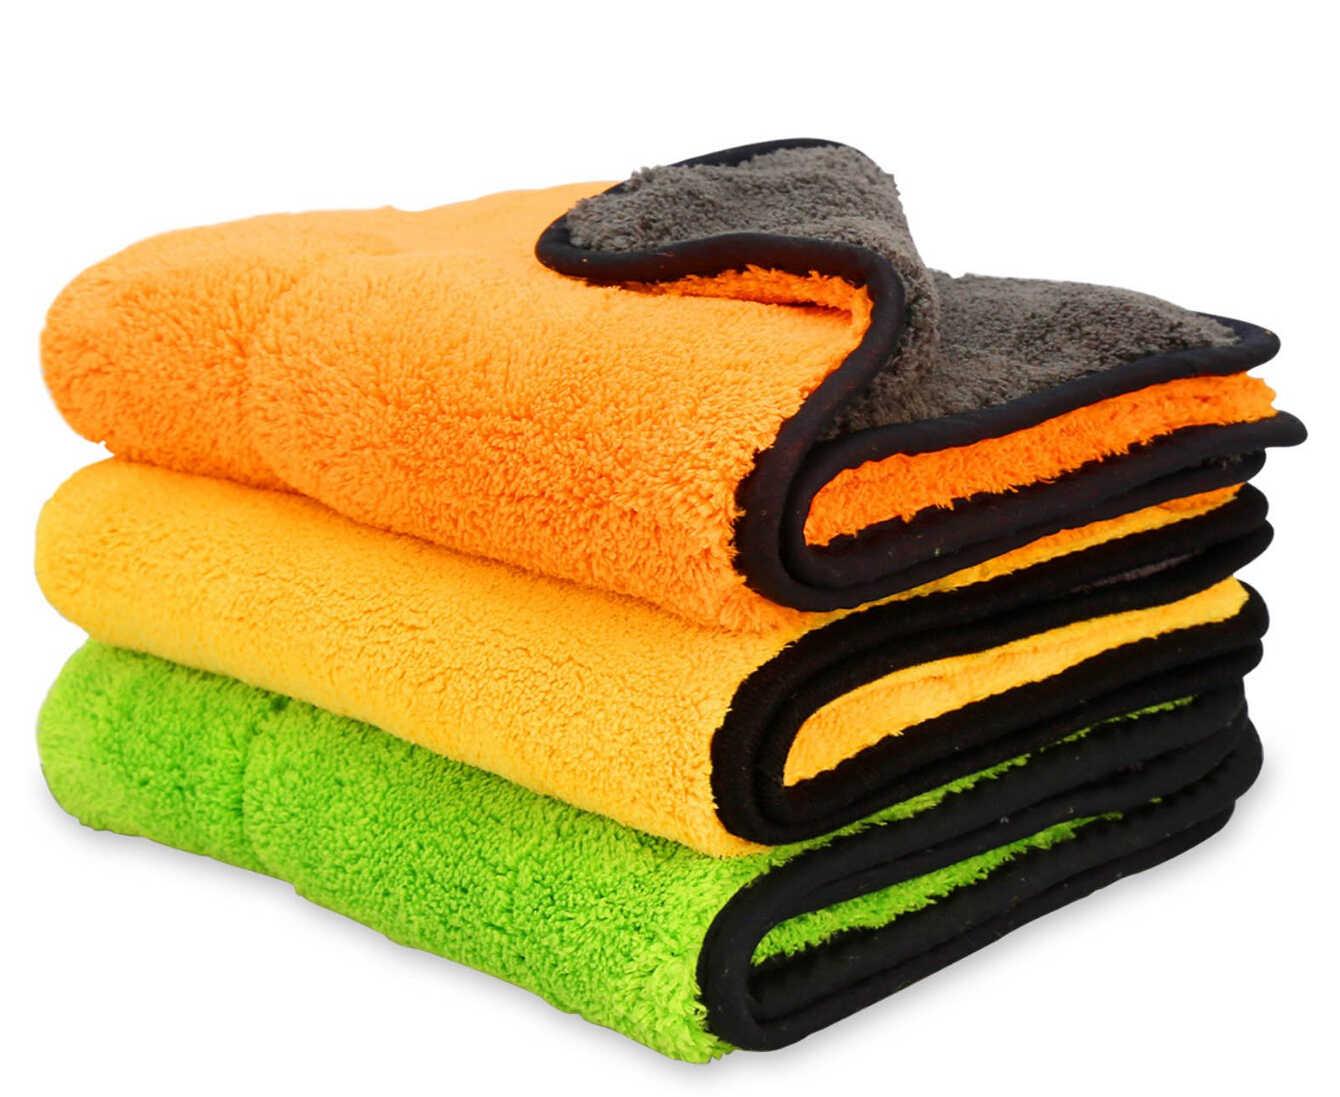 ล้างรถไมโครไฟเบอร์ผ้าขนหนูทำความสะอาดผ้าสำหรับ honda crf 450 nissan qashqai kia sportage 2018 กอล์ฟ mk4 renault clio 4